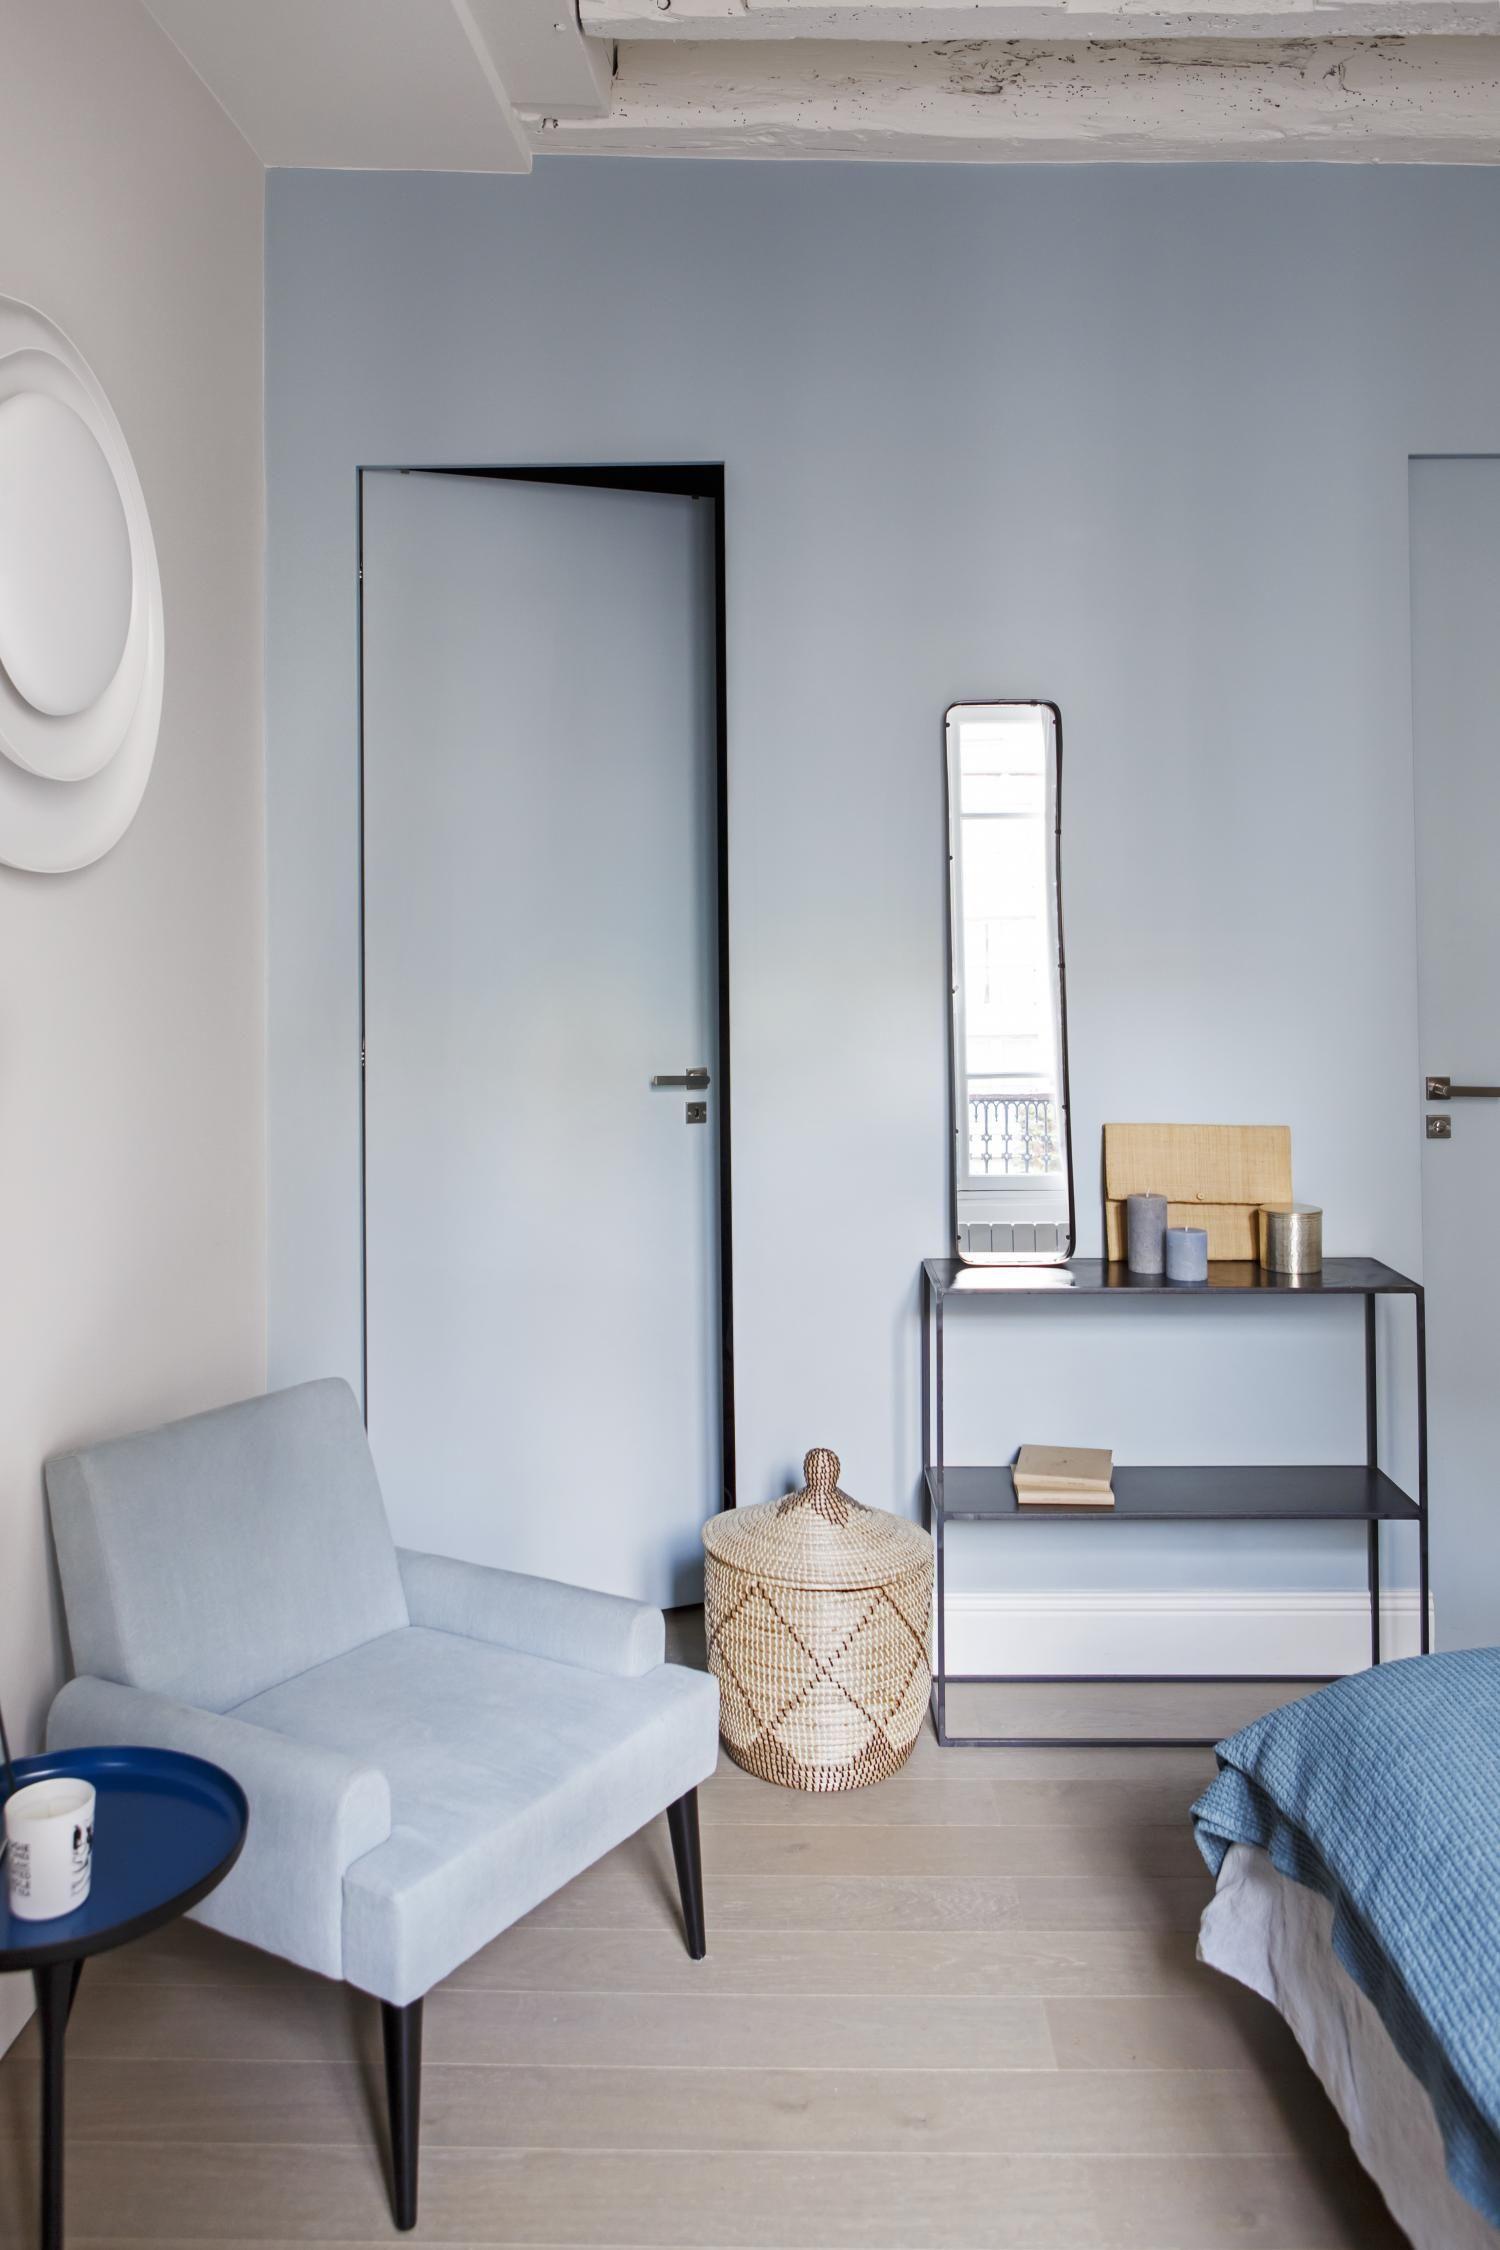 Bleu Trendy A Paris Planete Deco A Homes World Decoration Interieure Salon Moderne Sallon Salle A Manger Agence Architecture